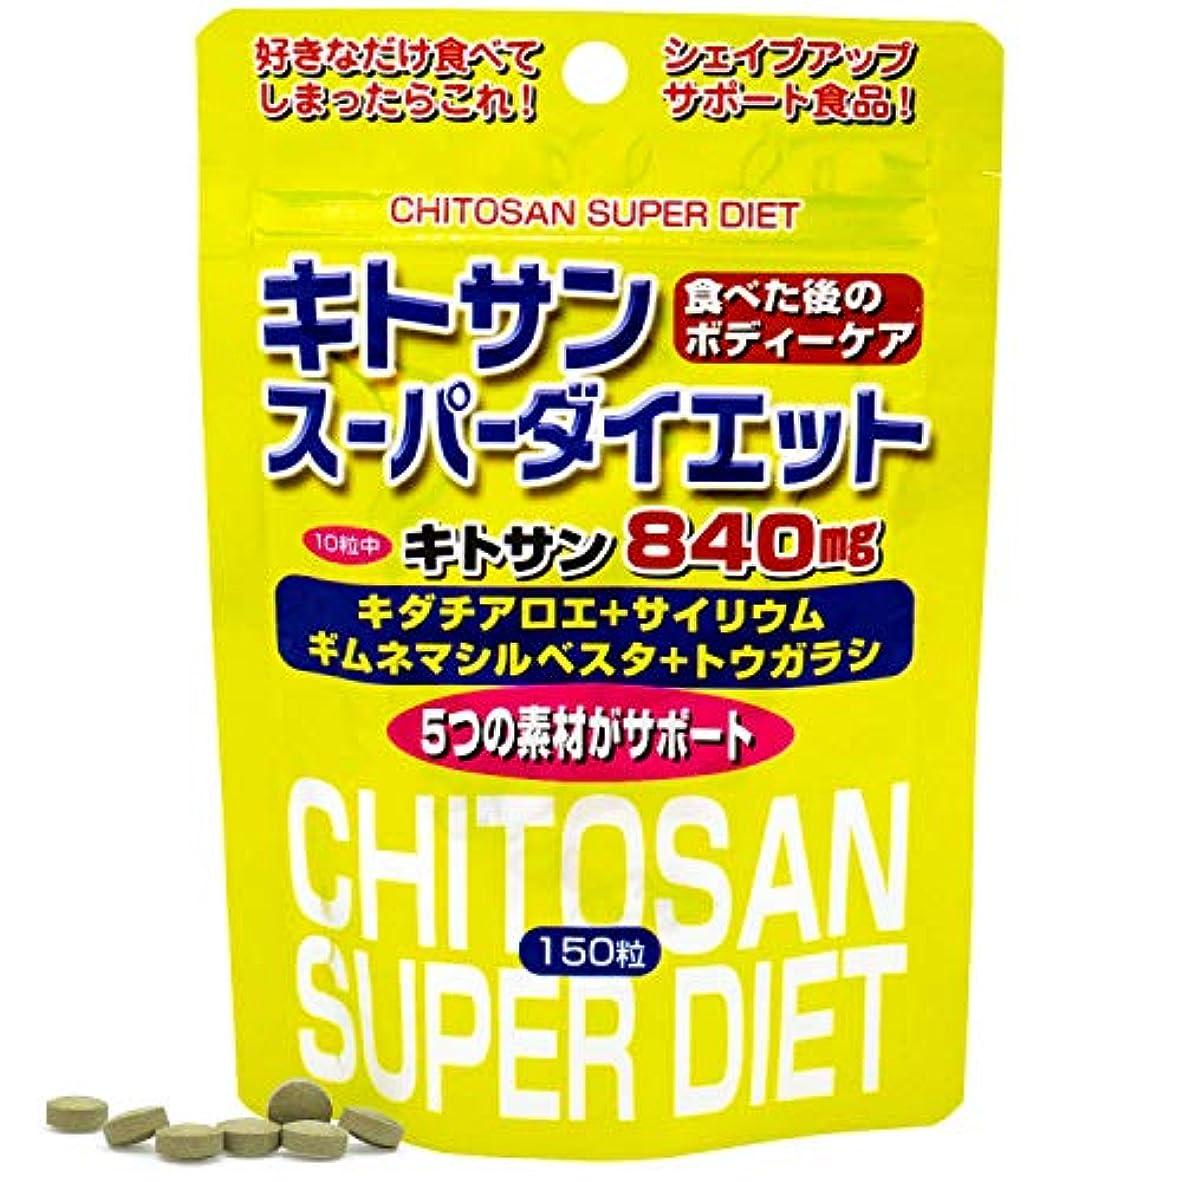 廃棄穴草ユウキ製薬 スタンドパック キトサンスーパーダイエット 15-21日分 150粒